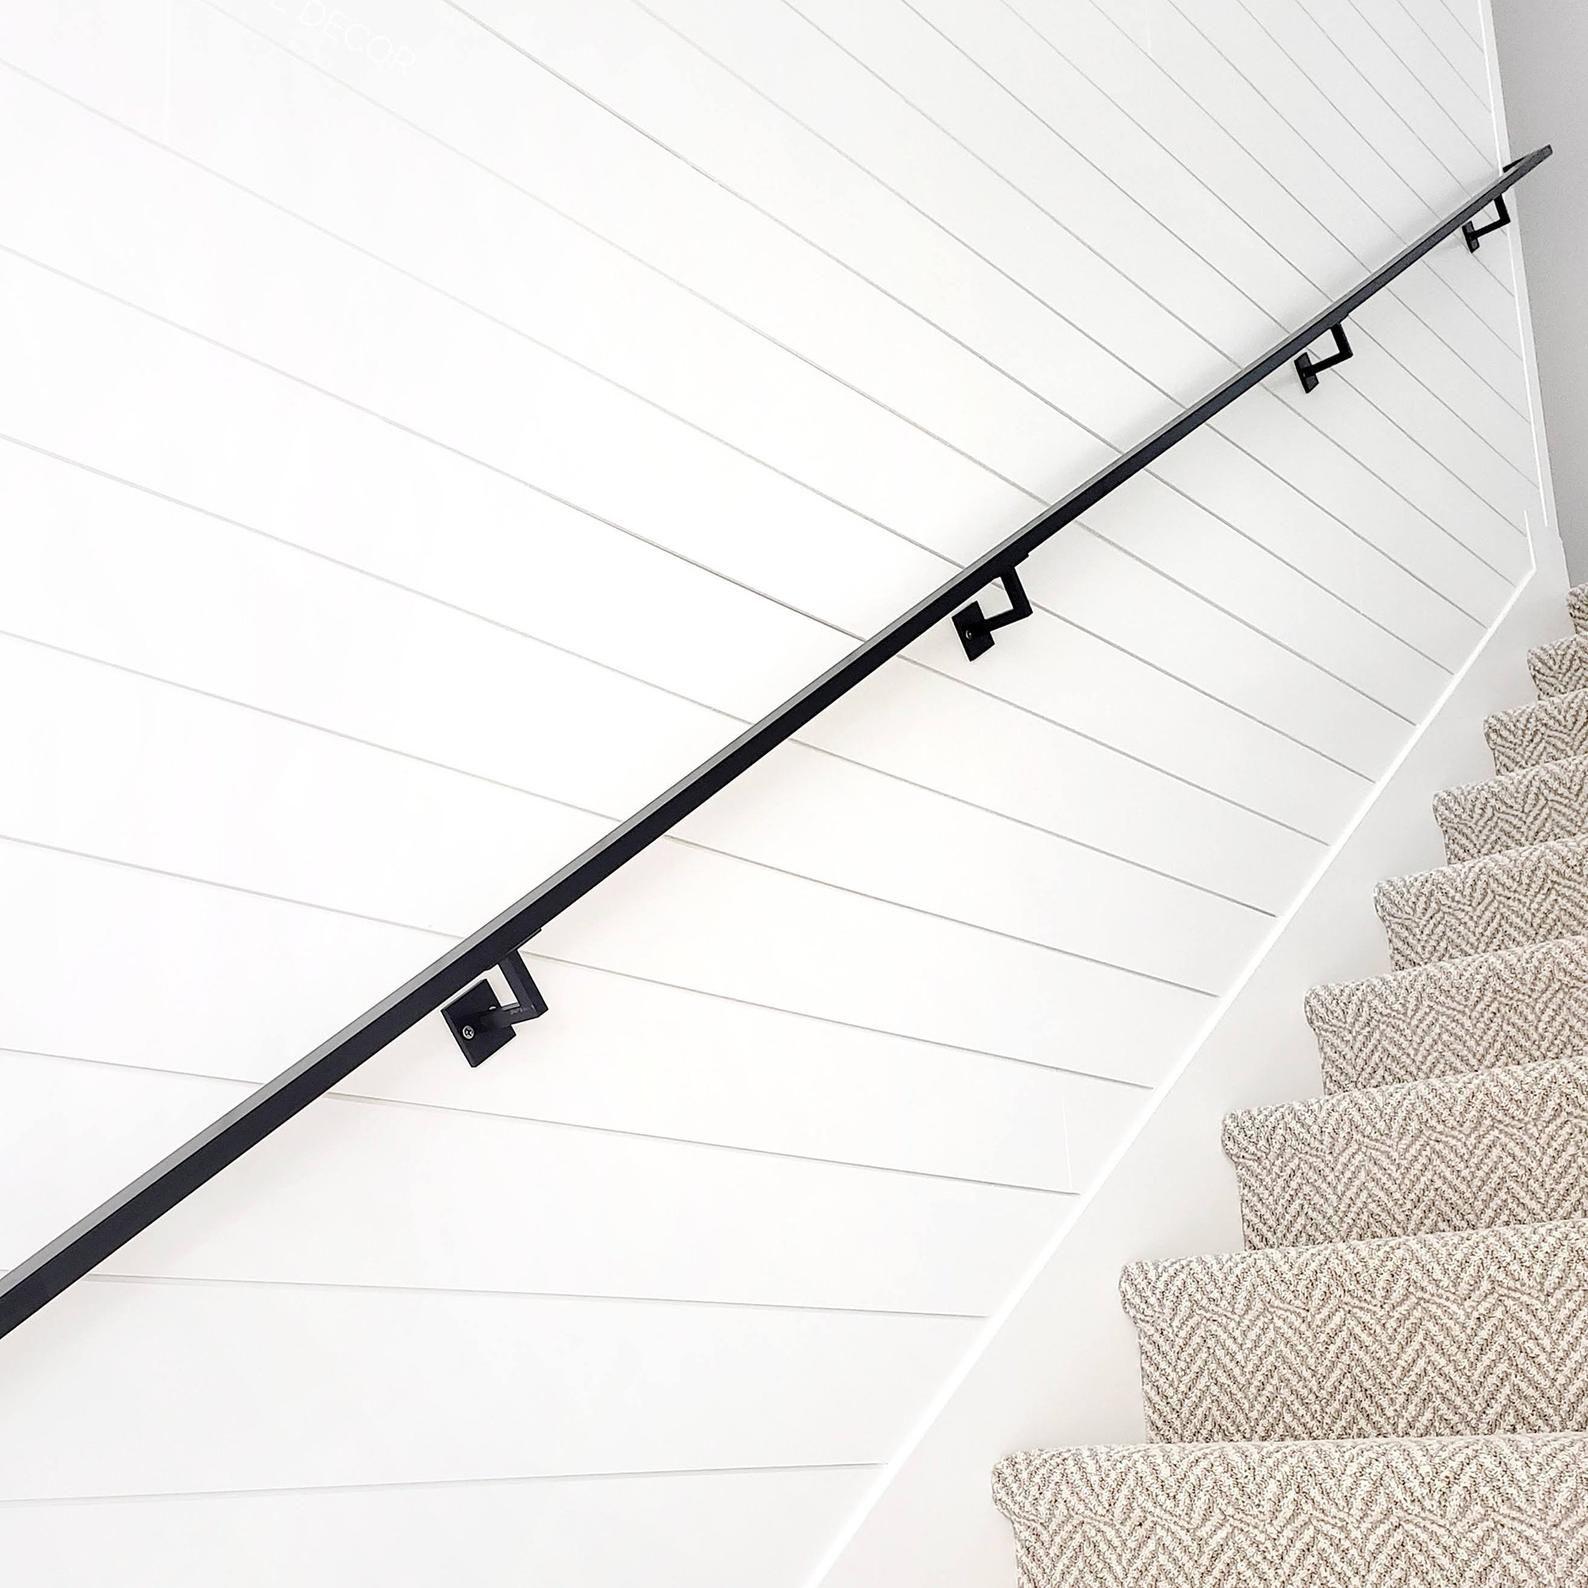 Minimal Handrail Bracket 1 2 Solid Steel Square Bar Etsy In 2020 Steel Stair Railing Metal Stair Railing Wall Mounted Handrail